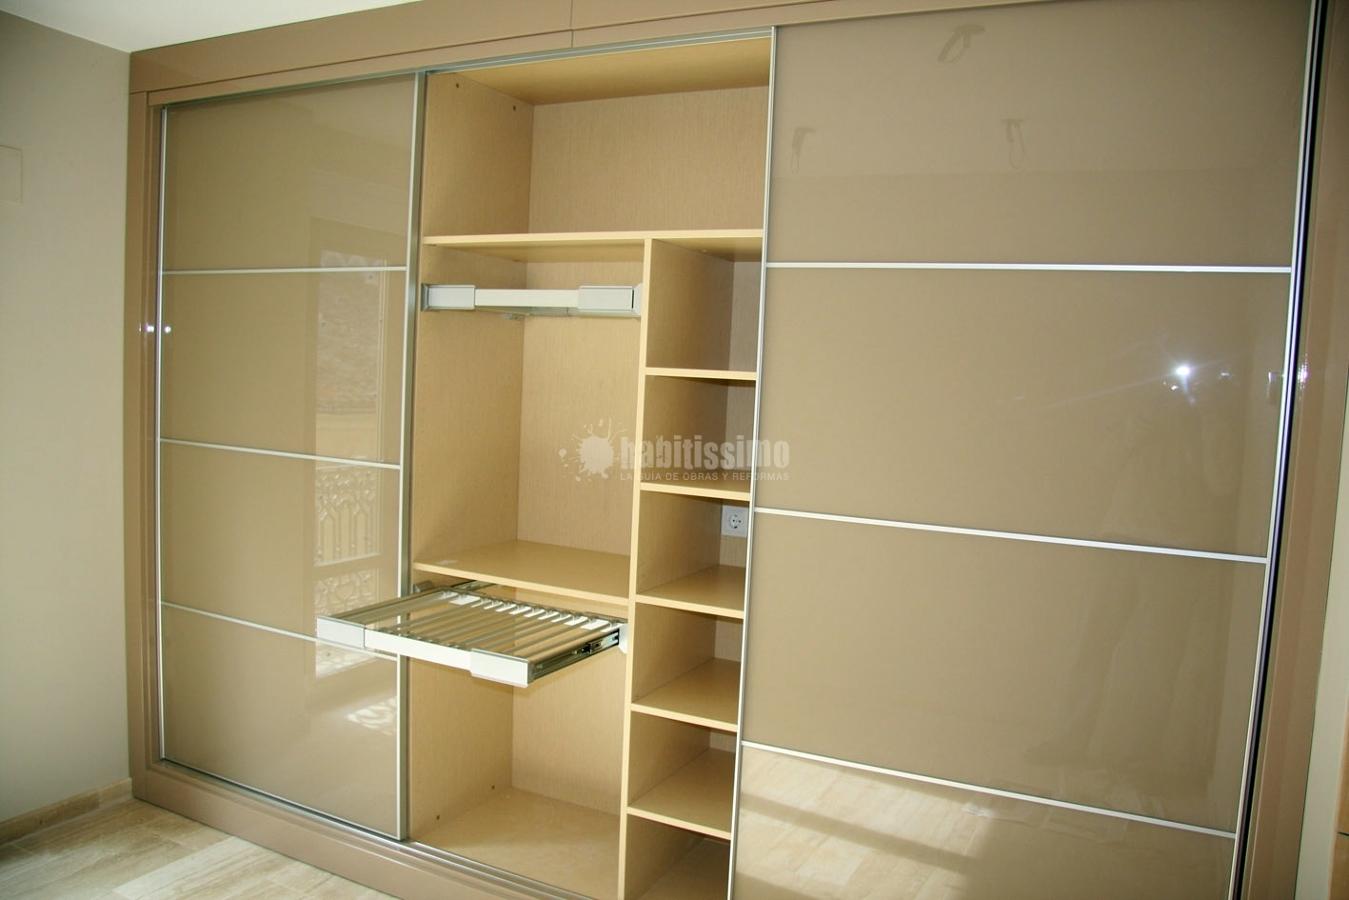 Distribuir armarios por dentro amazing perfect encantador - Vestir un armario por dentro ...